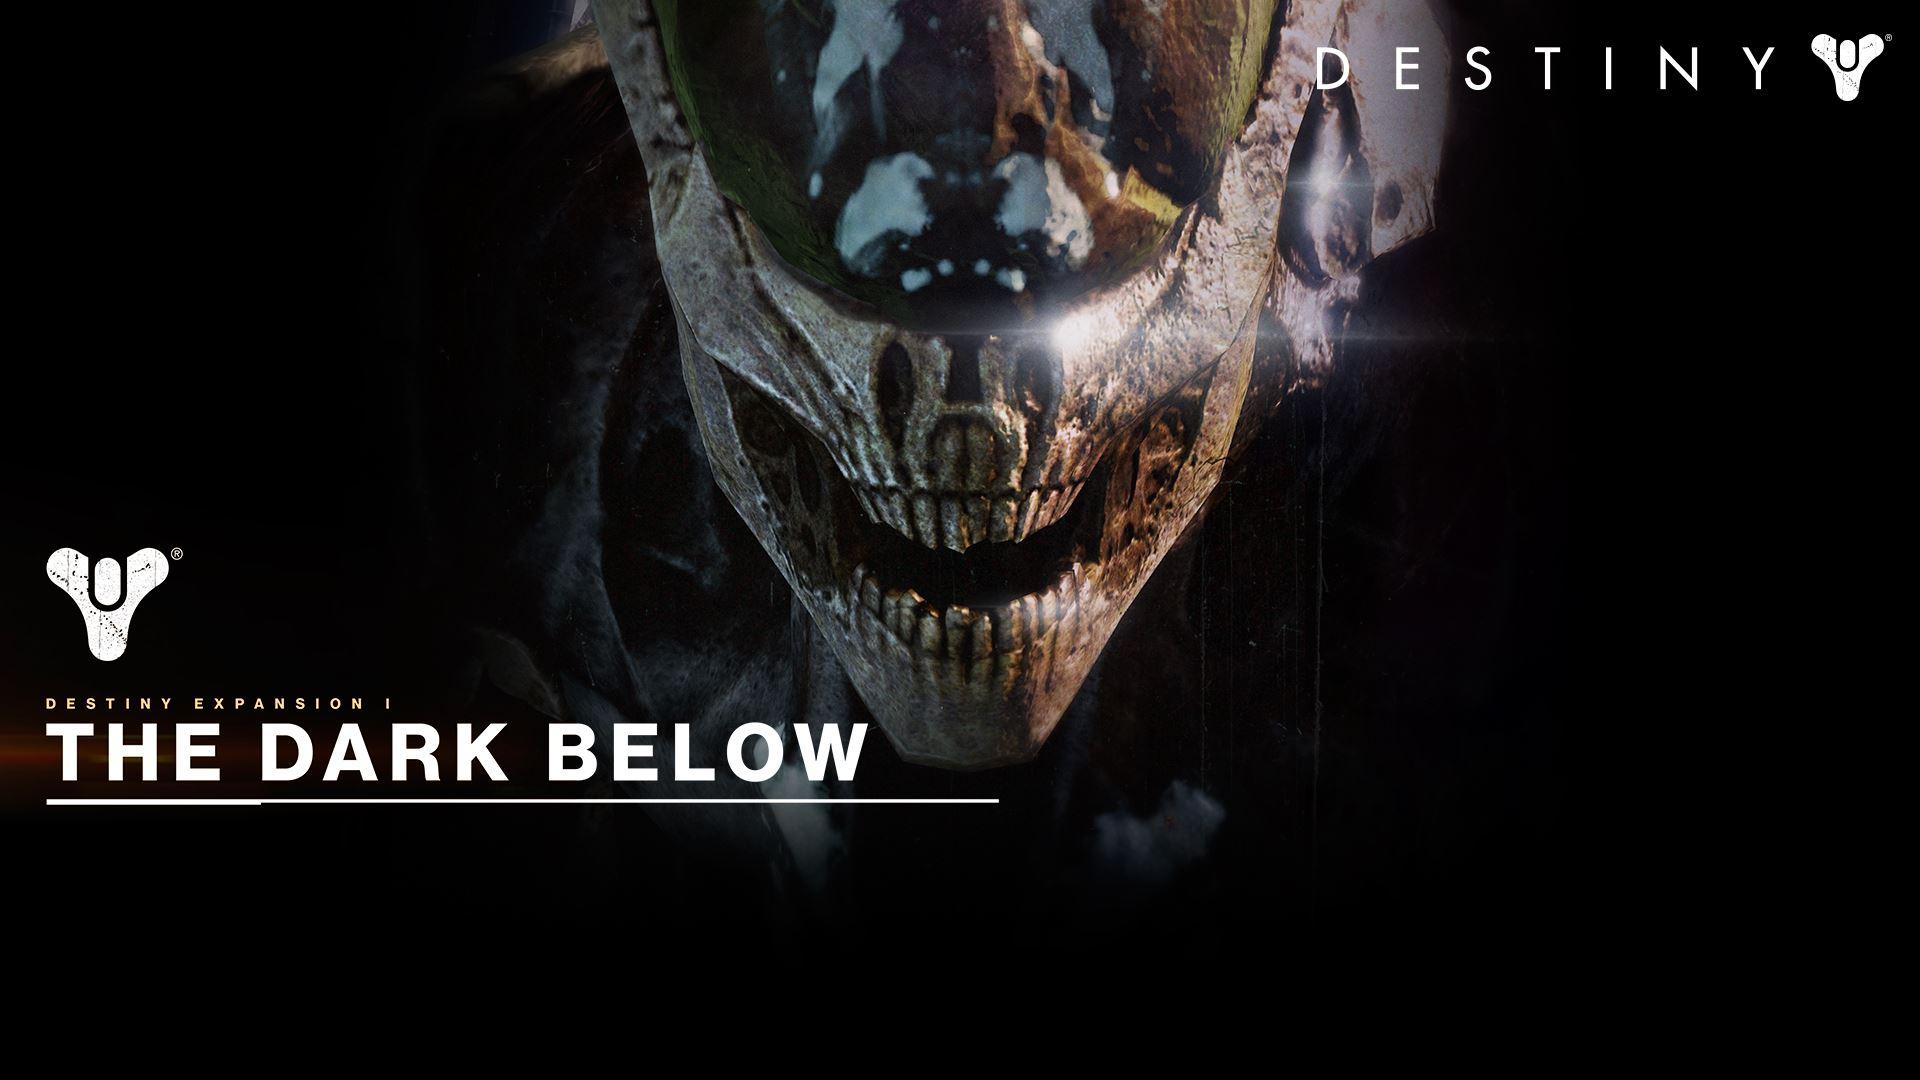 Conheçam todas as alterações de Destiny para a expansão The Dark Below Tdb